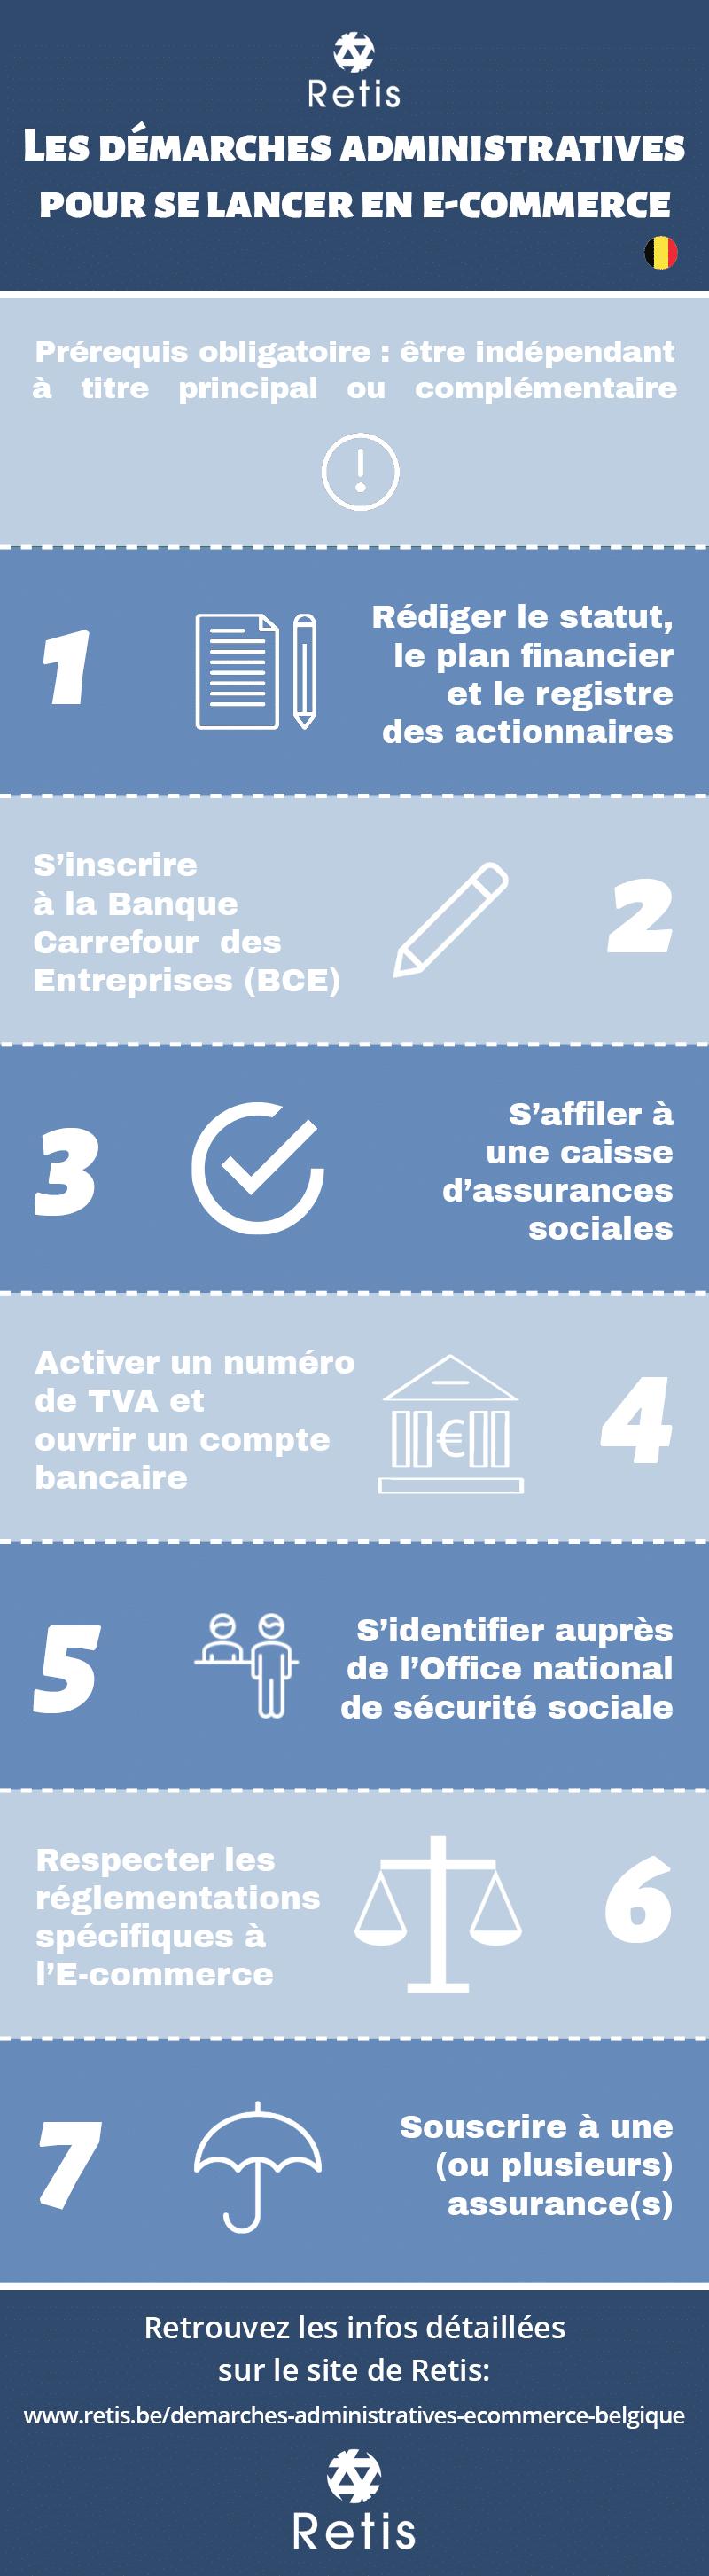 Infographie des démarches administratives pour se lancer en e-commerce en Belgique